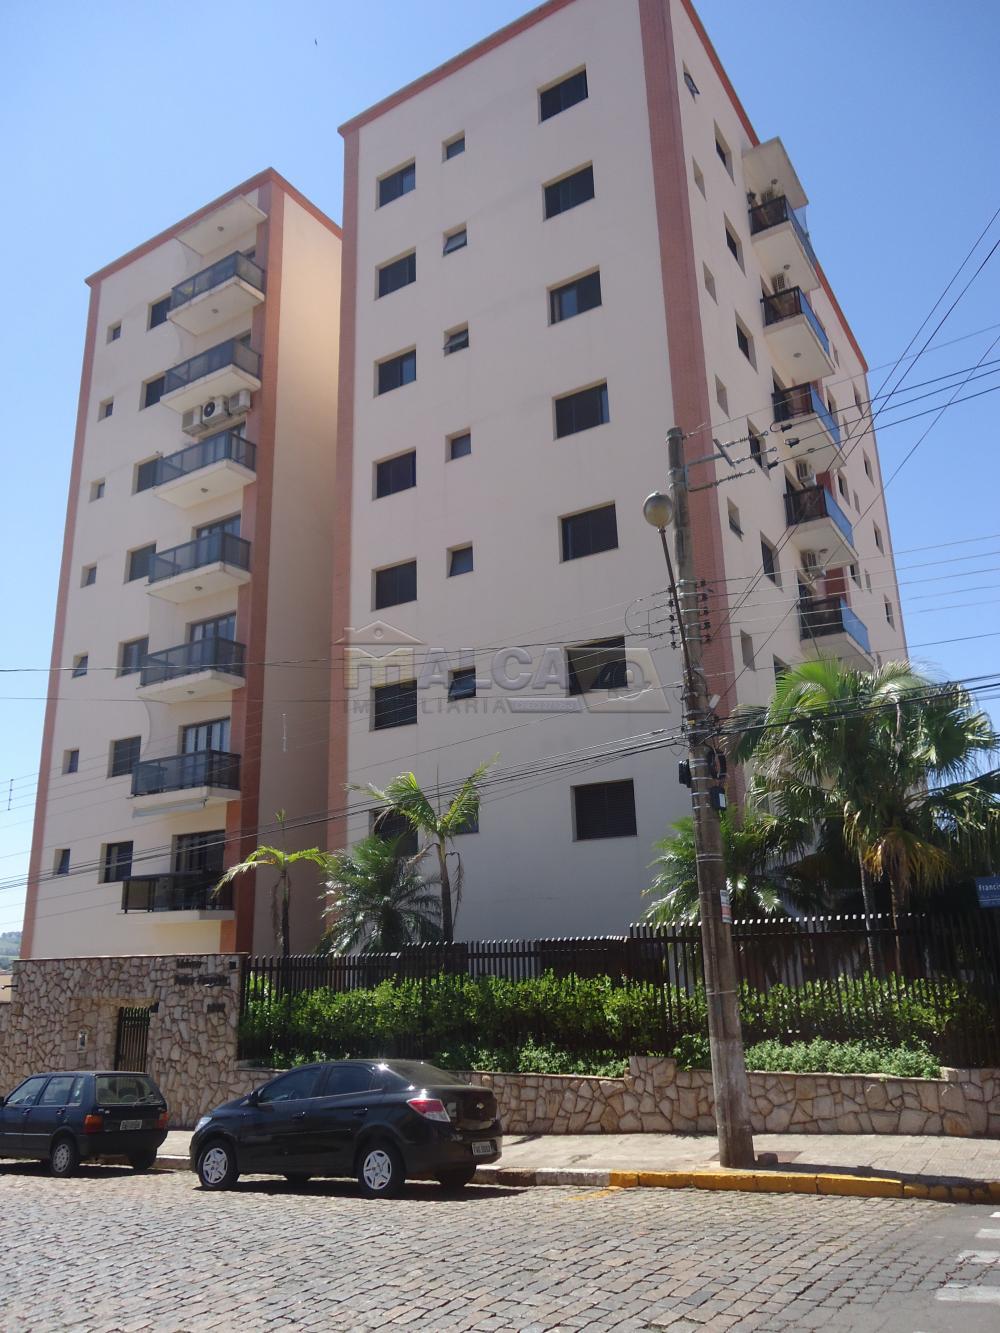 Alugar Apartamentos / Condomínio em São José do Rio Pardo R$ 900,00 - Foto 2